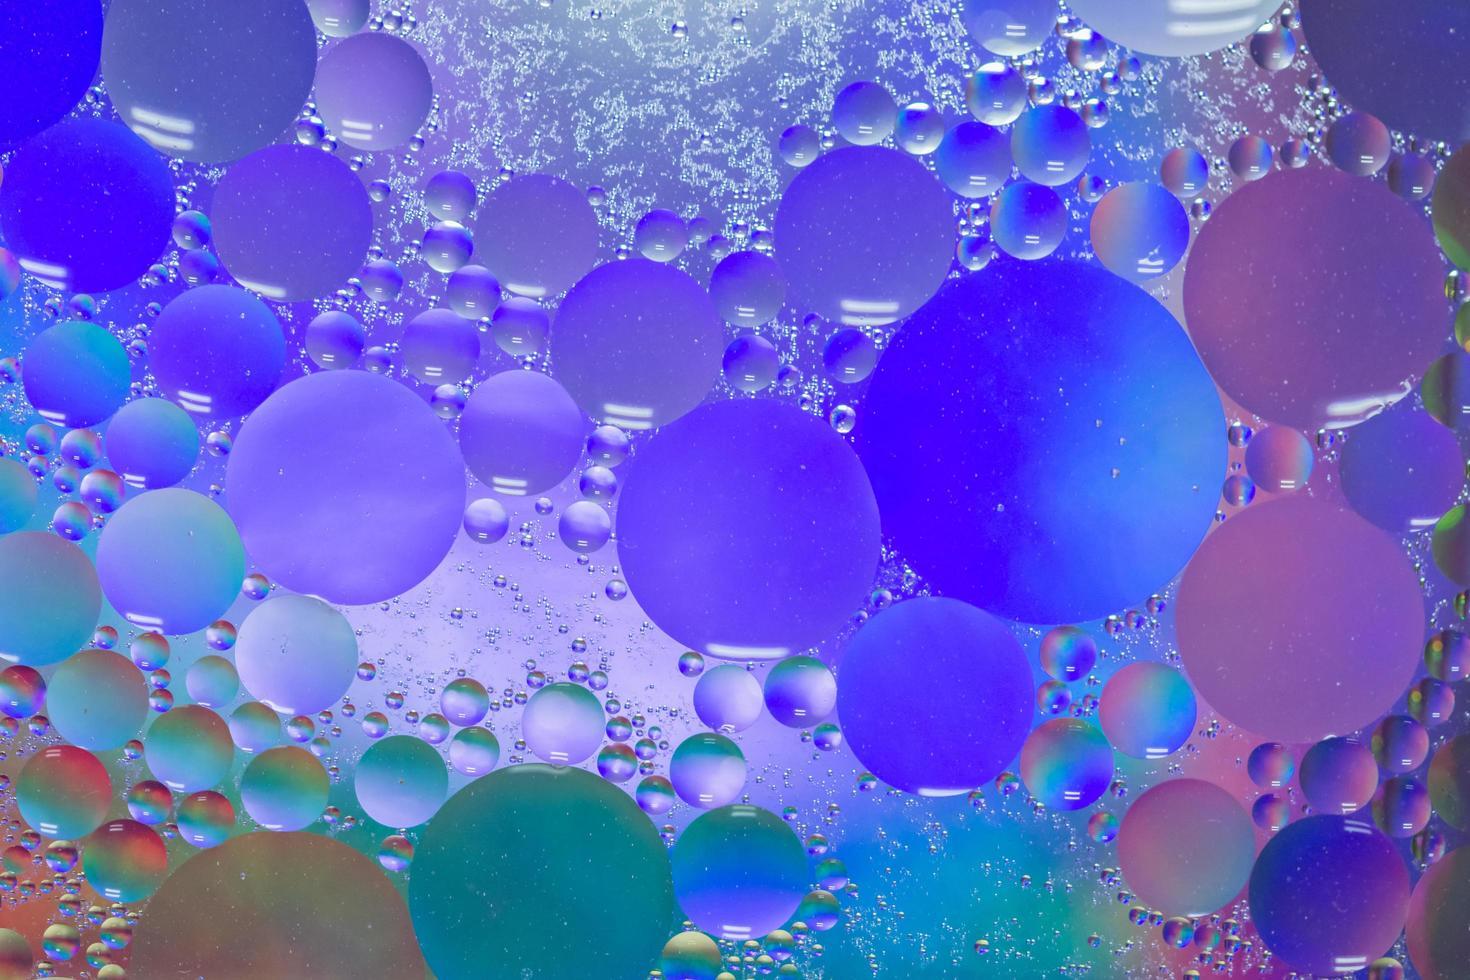 olie en water abstracte macroachtergrond foto